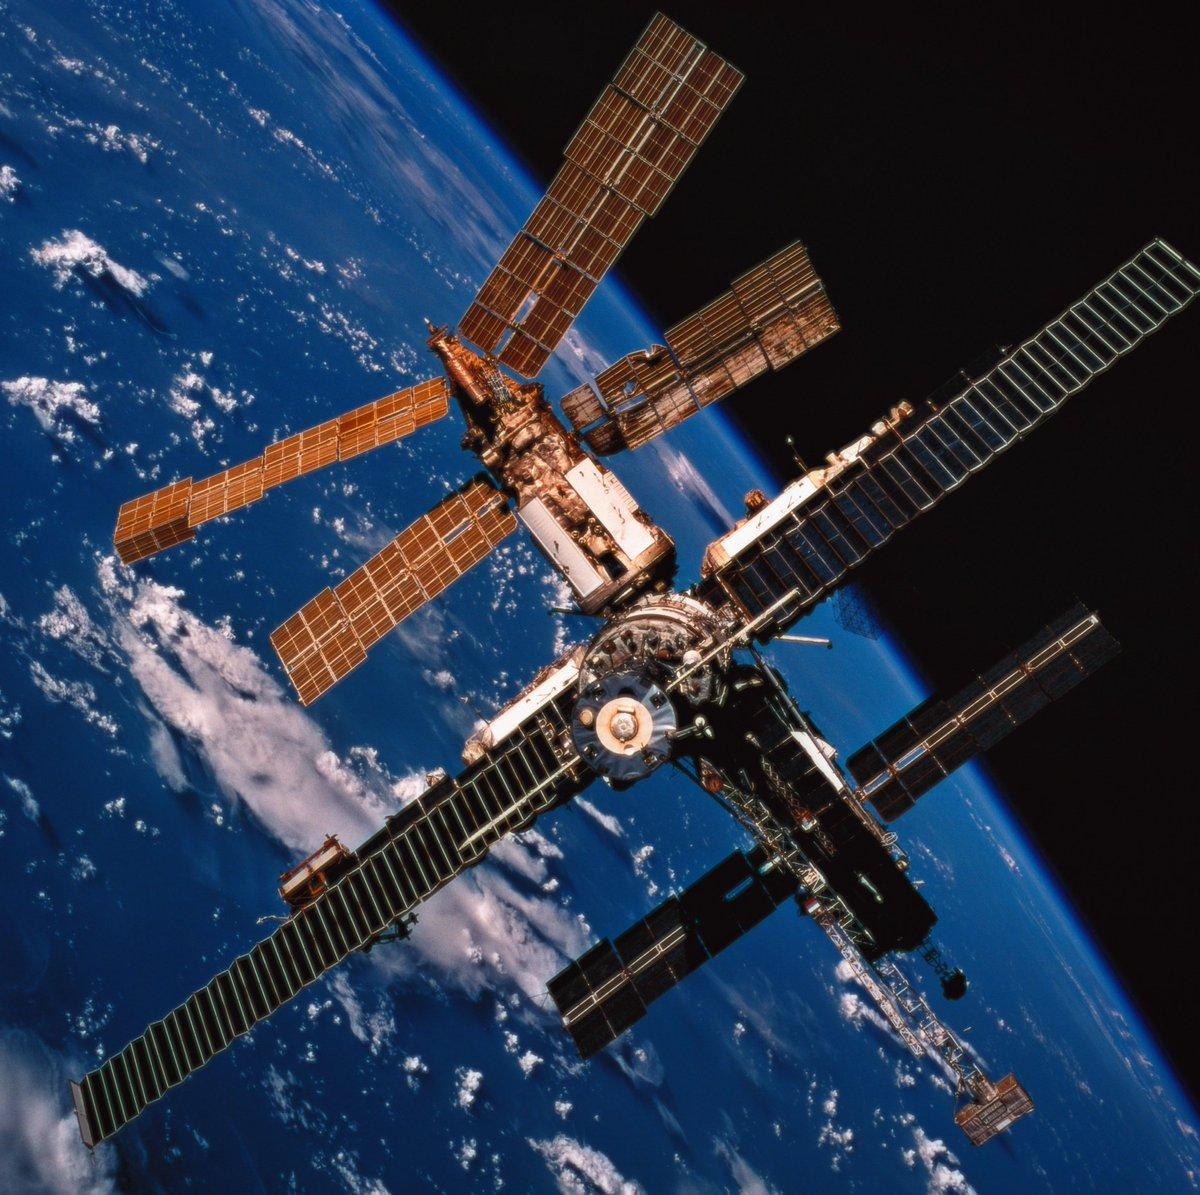 может быть фото россии из орбитальной станции чистое